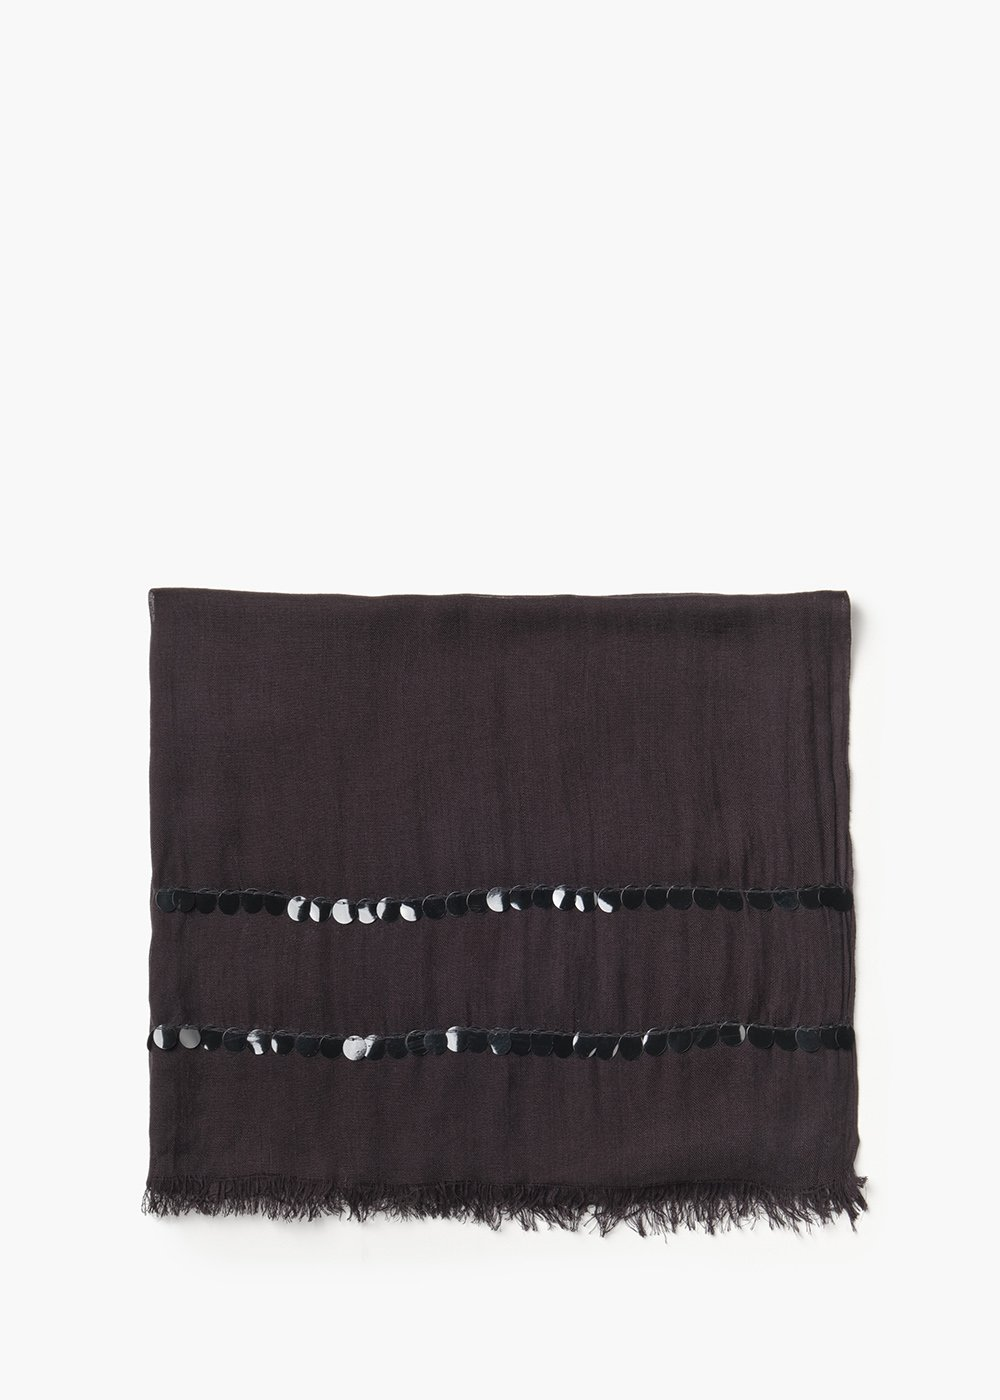 Pashmina basica Sequins con doppia linea di paillettes - Black - Donna